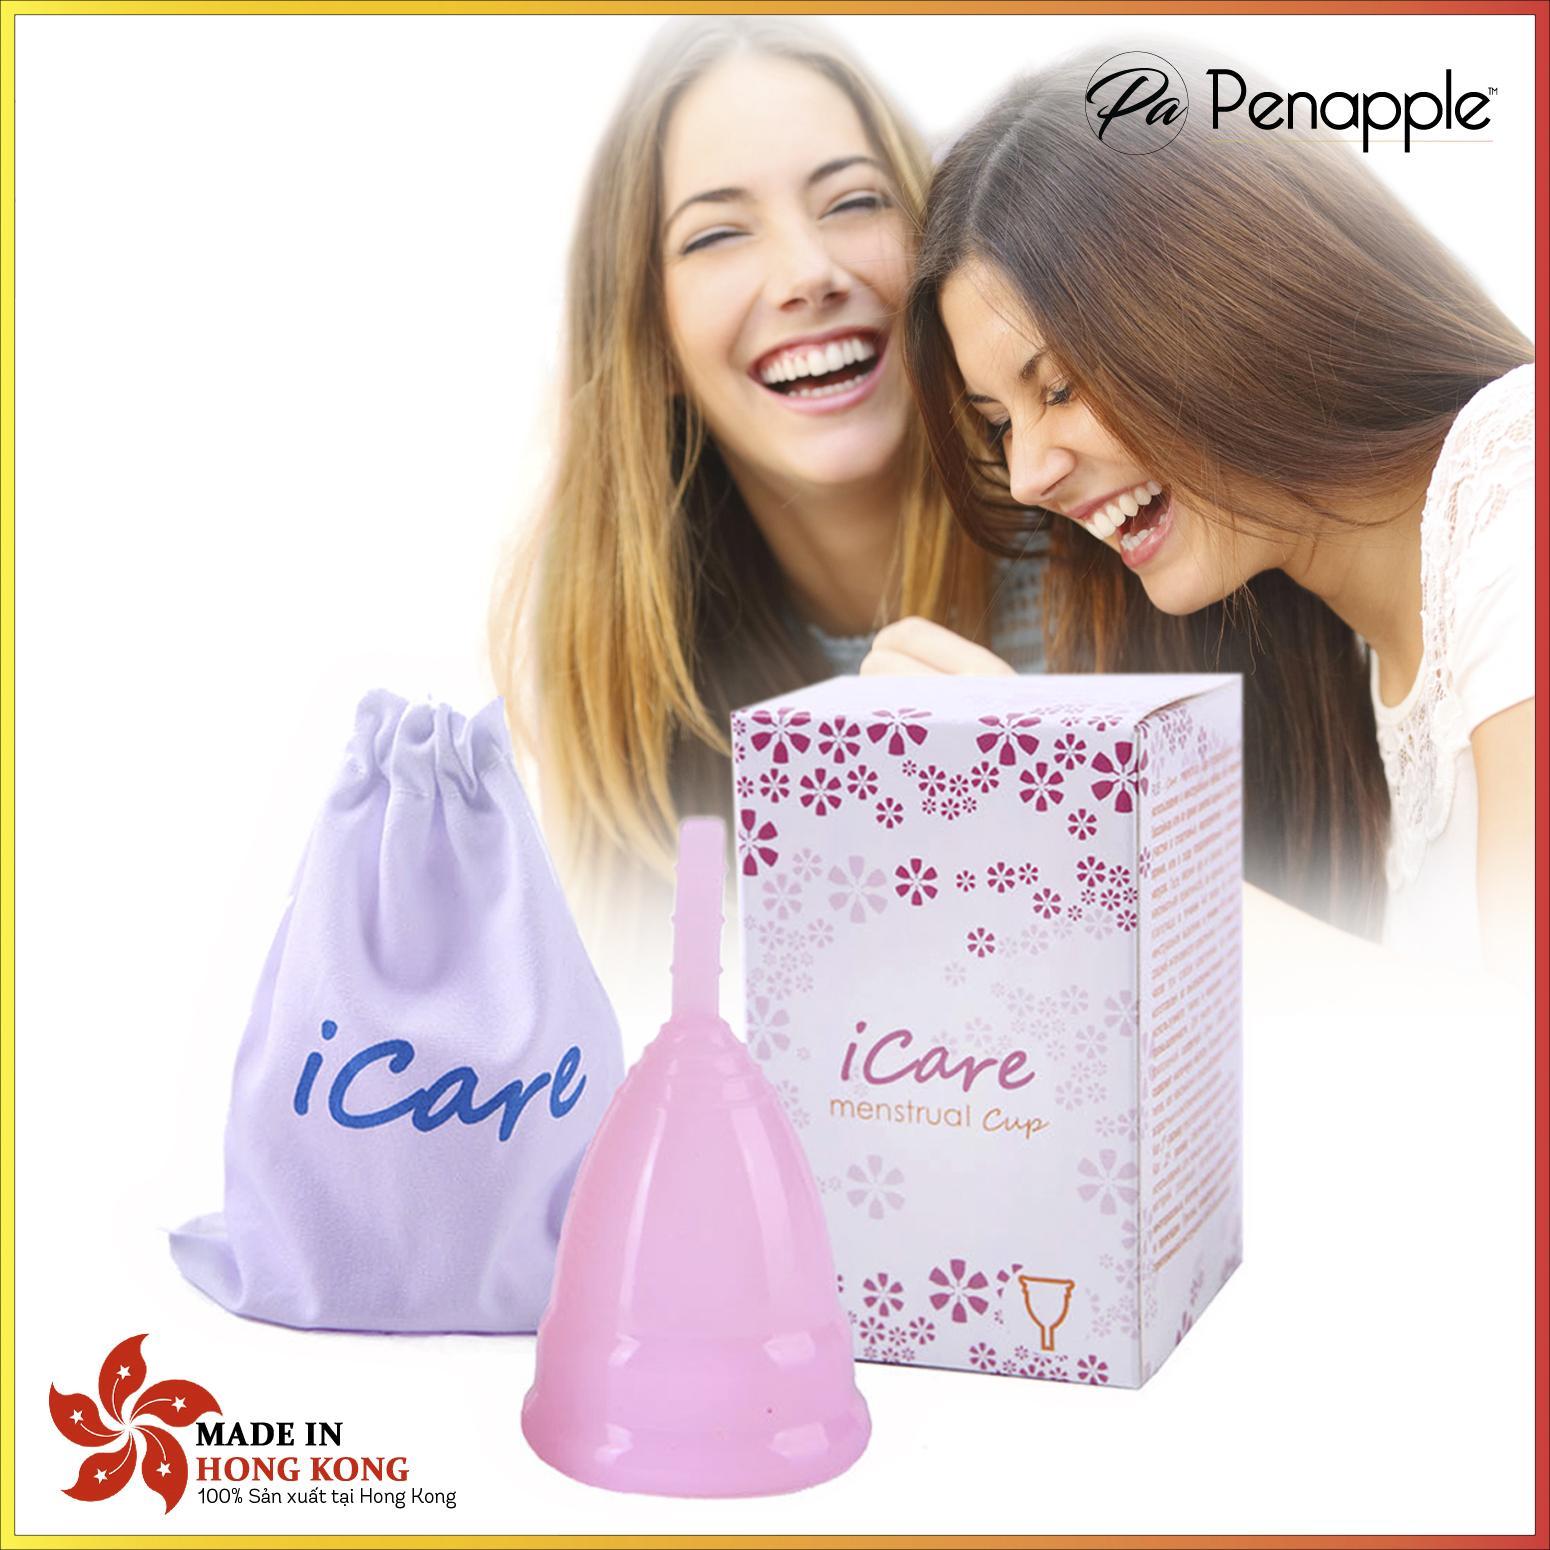 Cốc nguyệt san silicone CAO CẤP thay thế băng vệ sinh và tampon Icare - màu hồng - sản xuất tại Hồng Kông